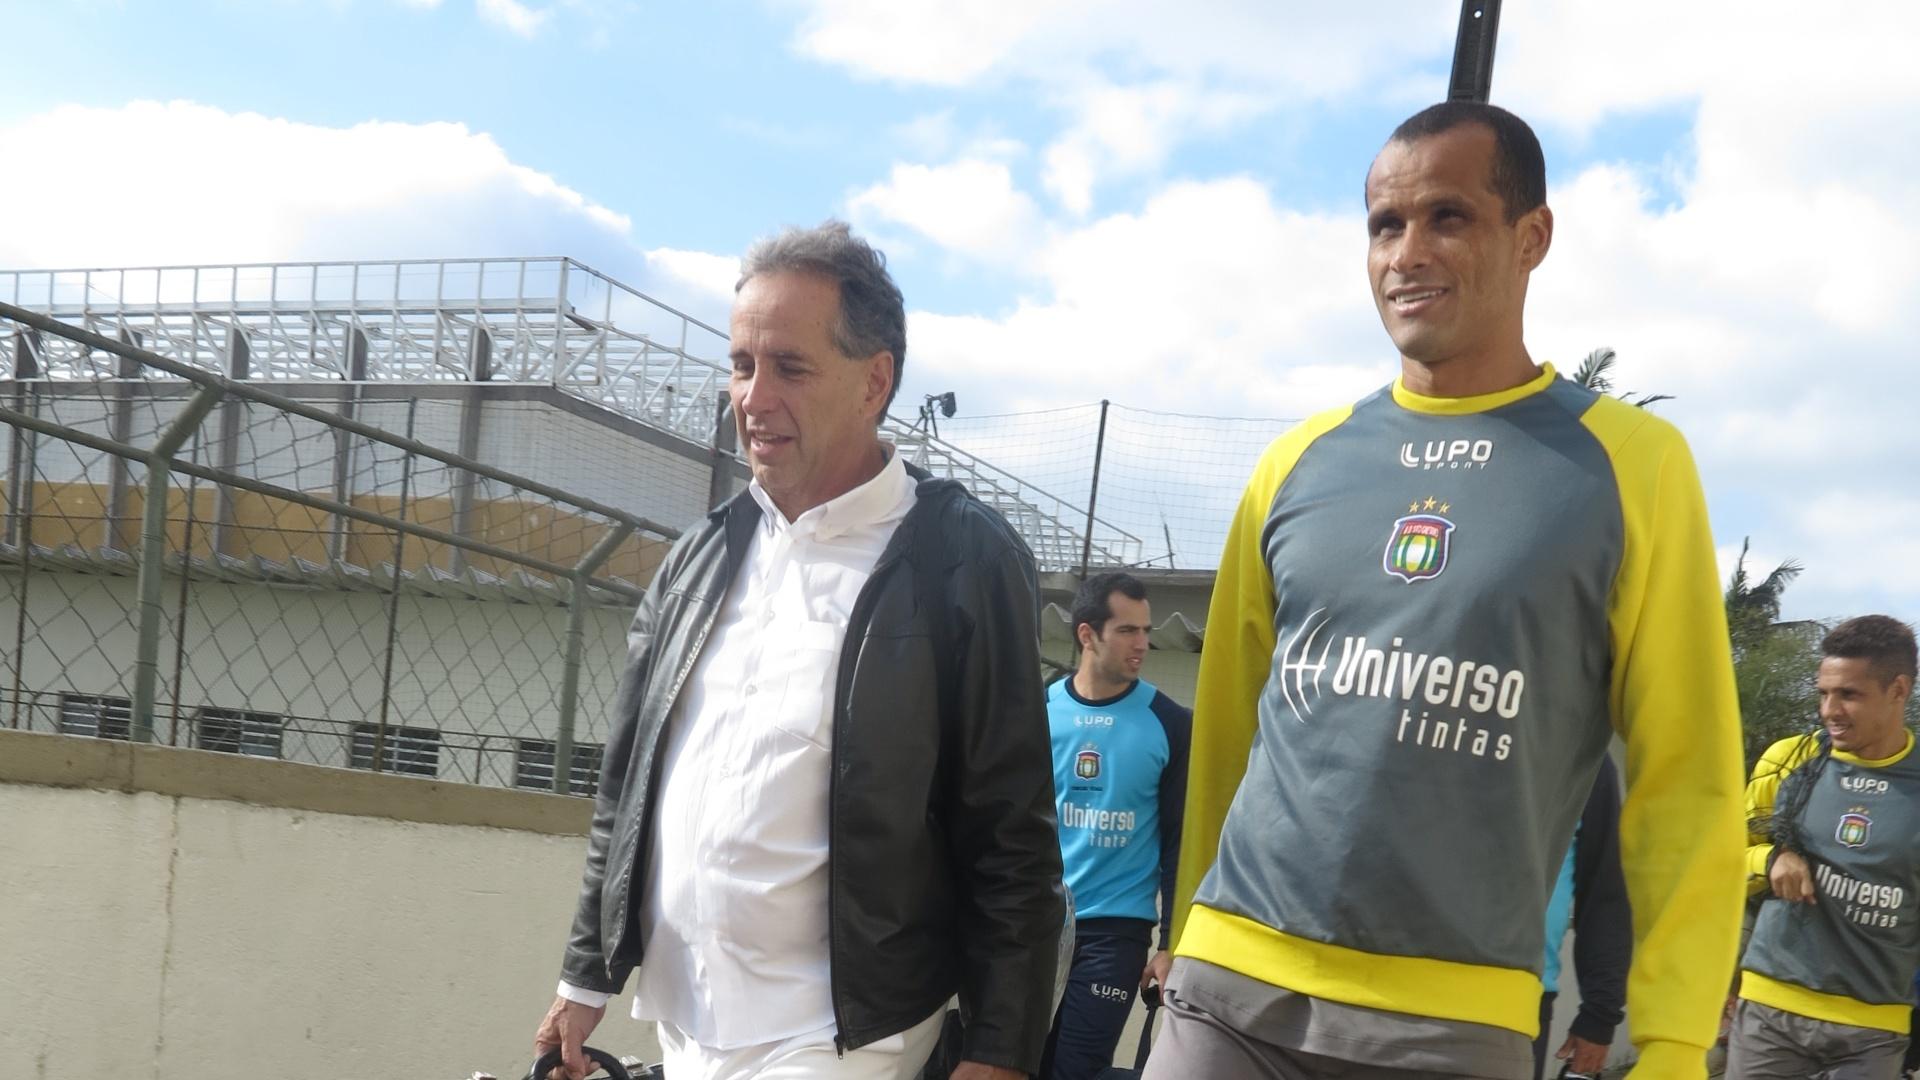 O meia tem contrato com o clube do ABC paulista até o final do ano